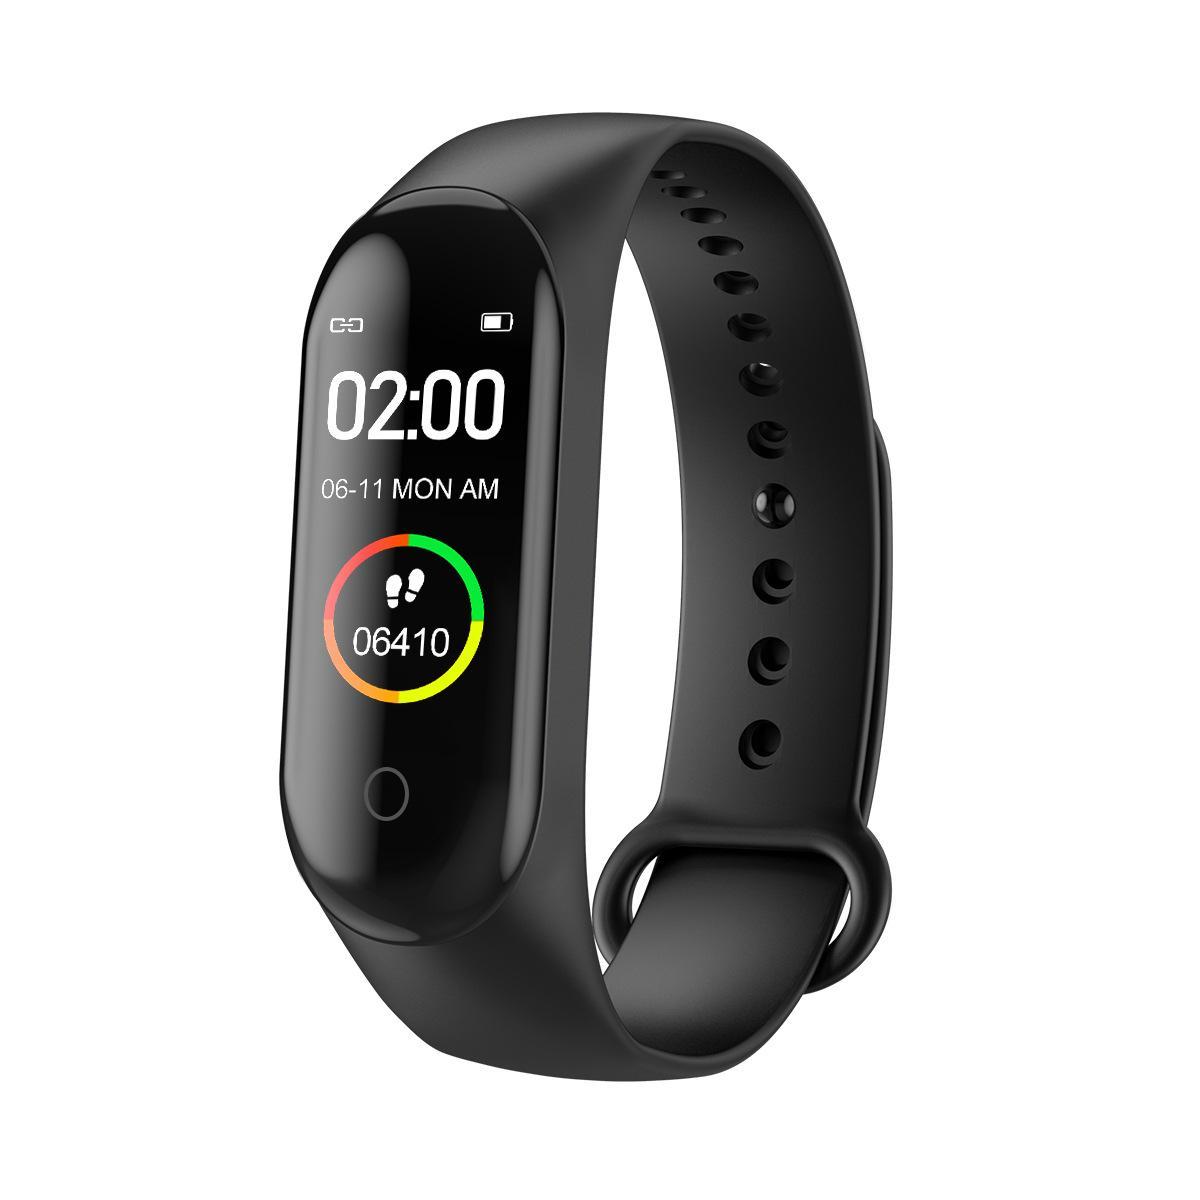 Inteligente pulsera deportivo M3 podómetro hombres y mujeres la frecuencia cardiaca presión arterial noticias empuje de silicona reloj de carga multifuncional